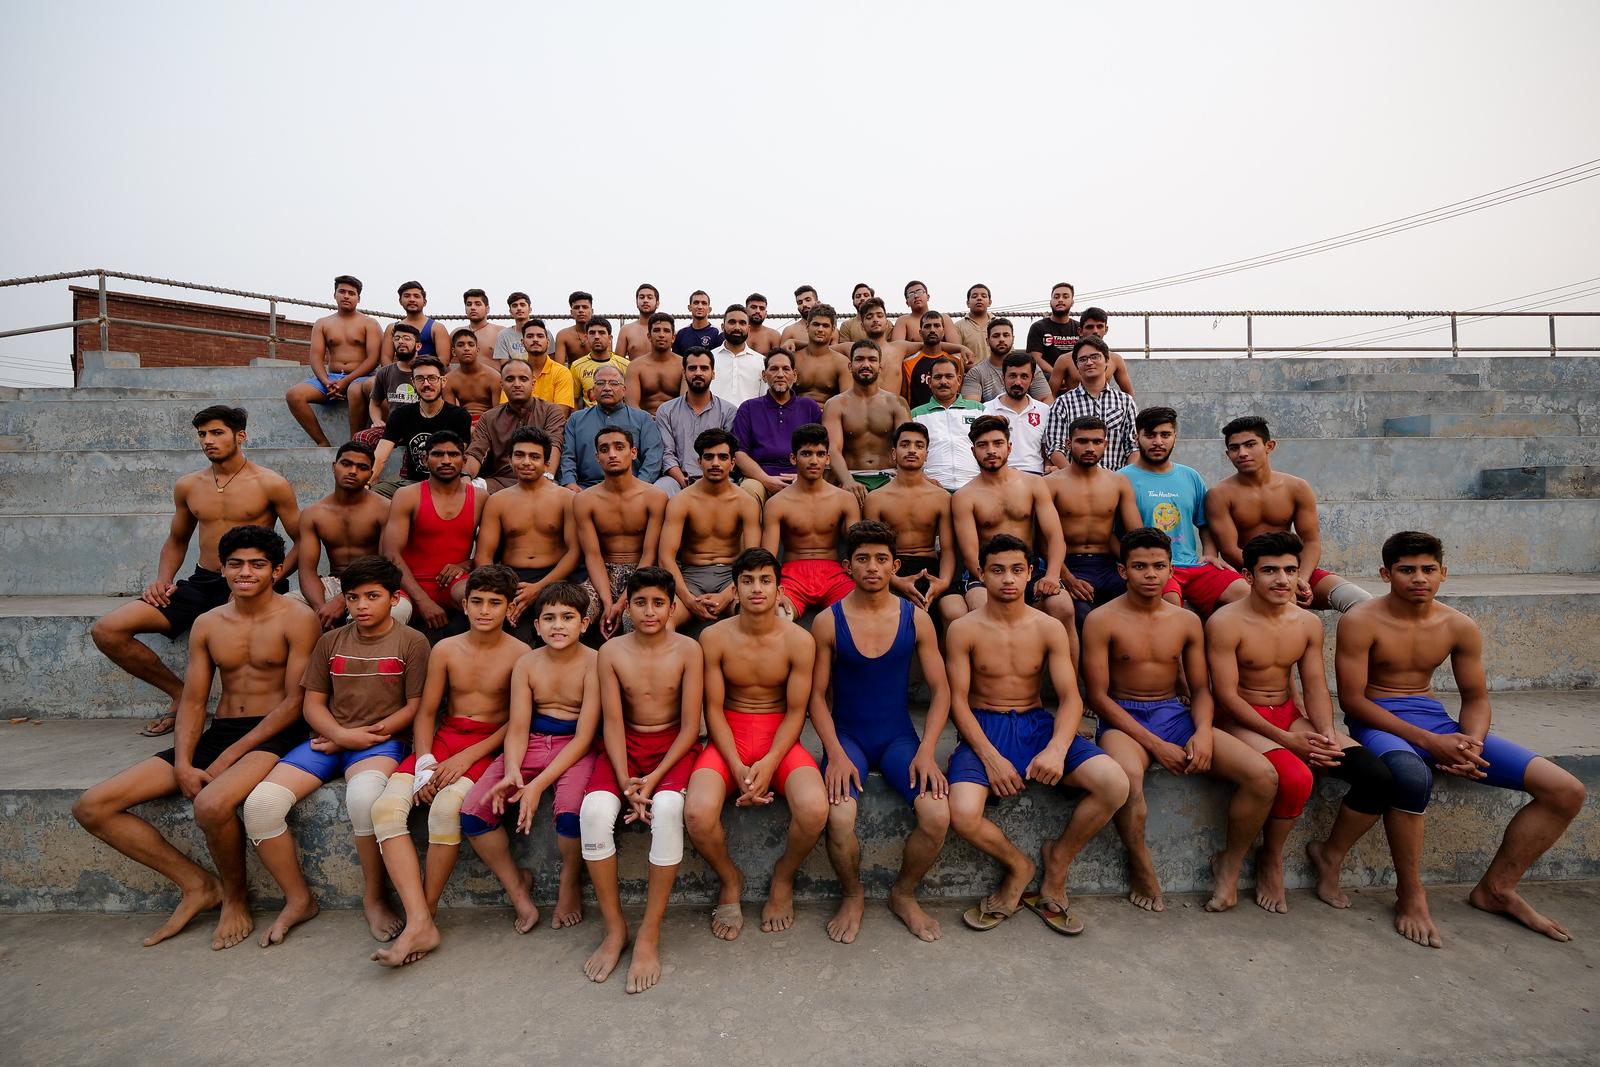 Olympic Wrestlers ini Gujranwala